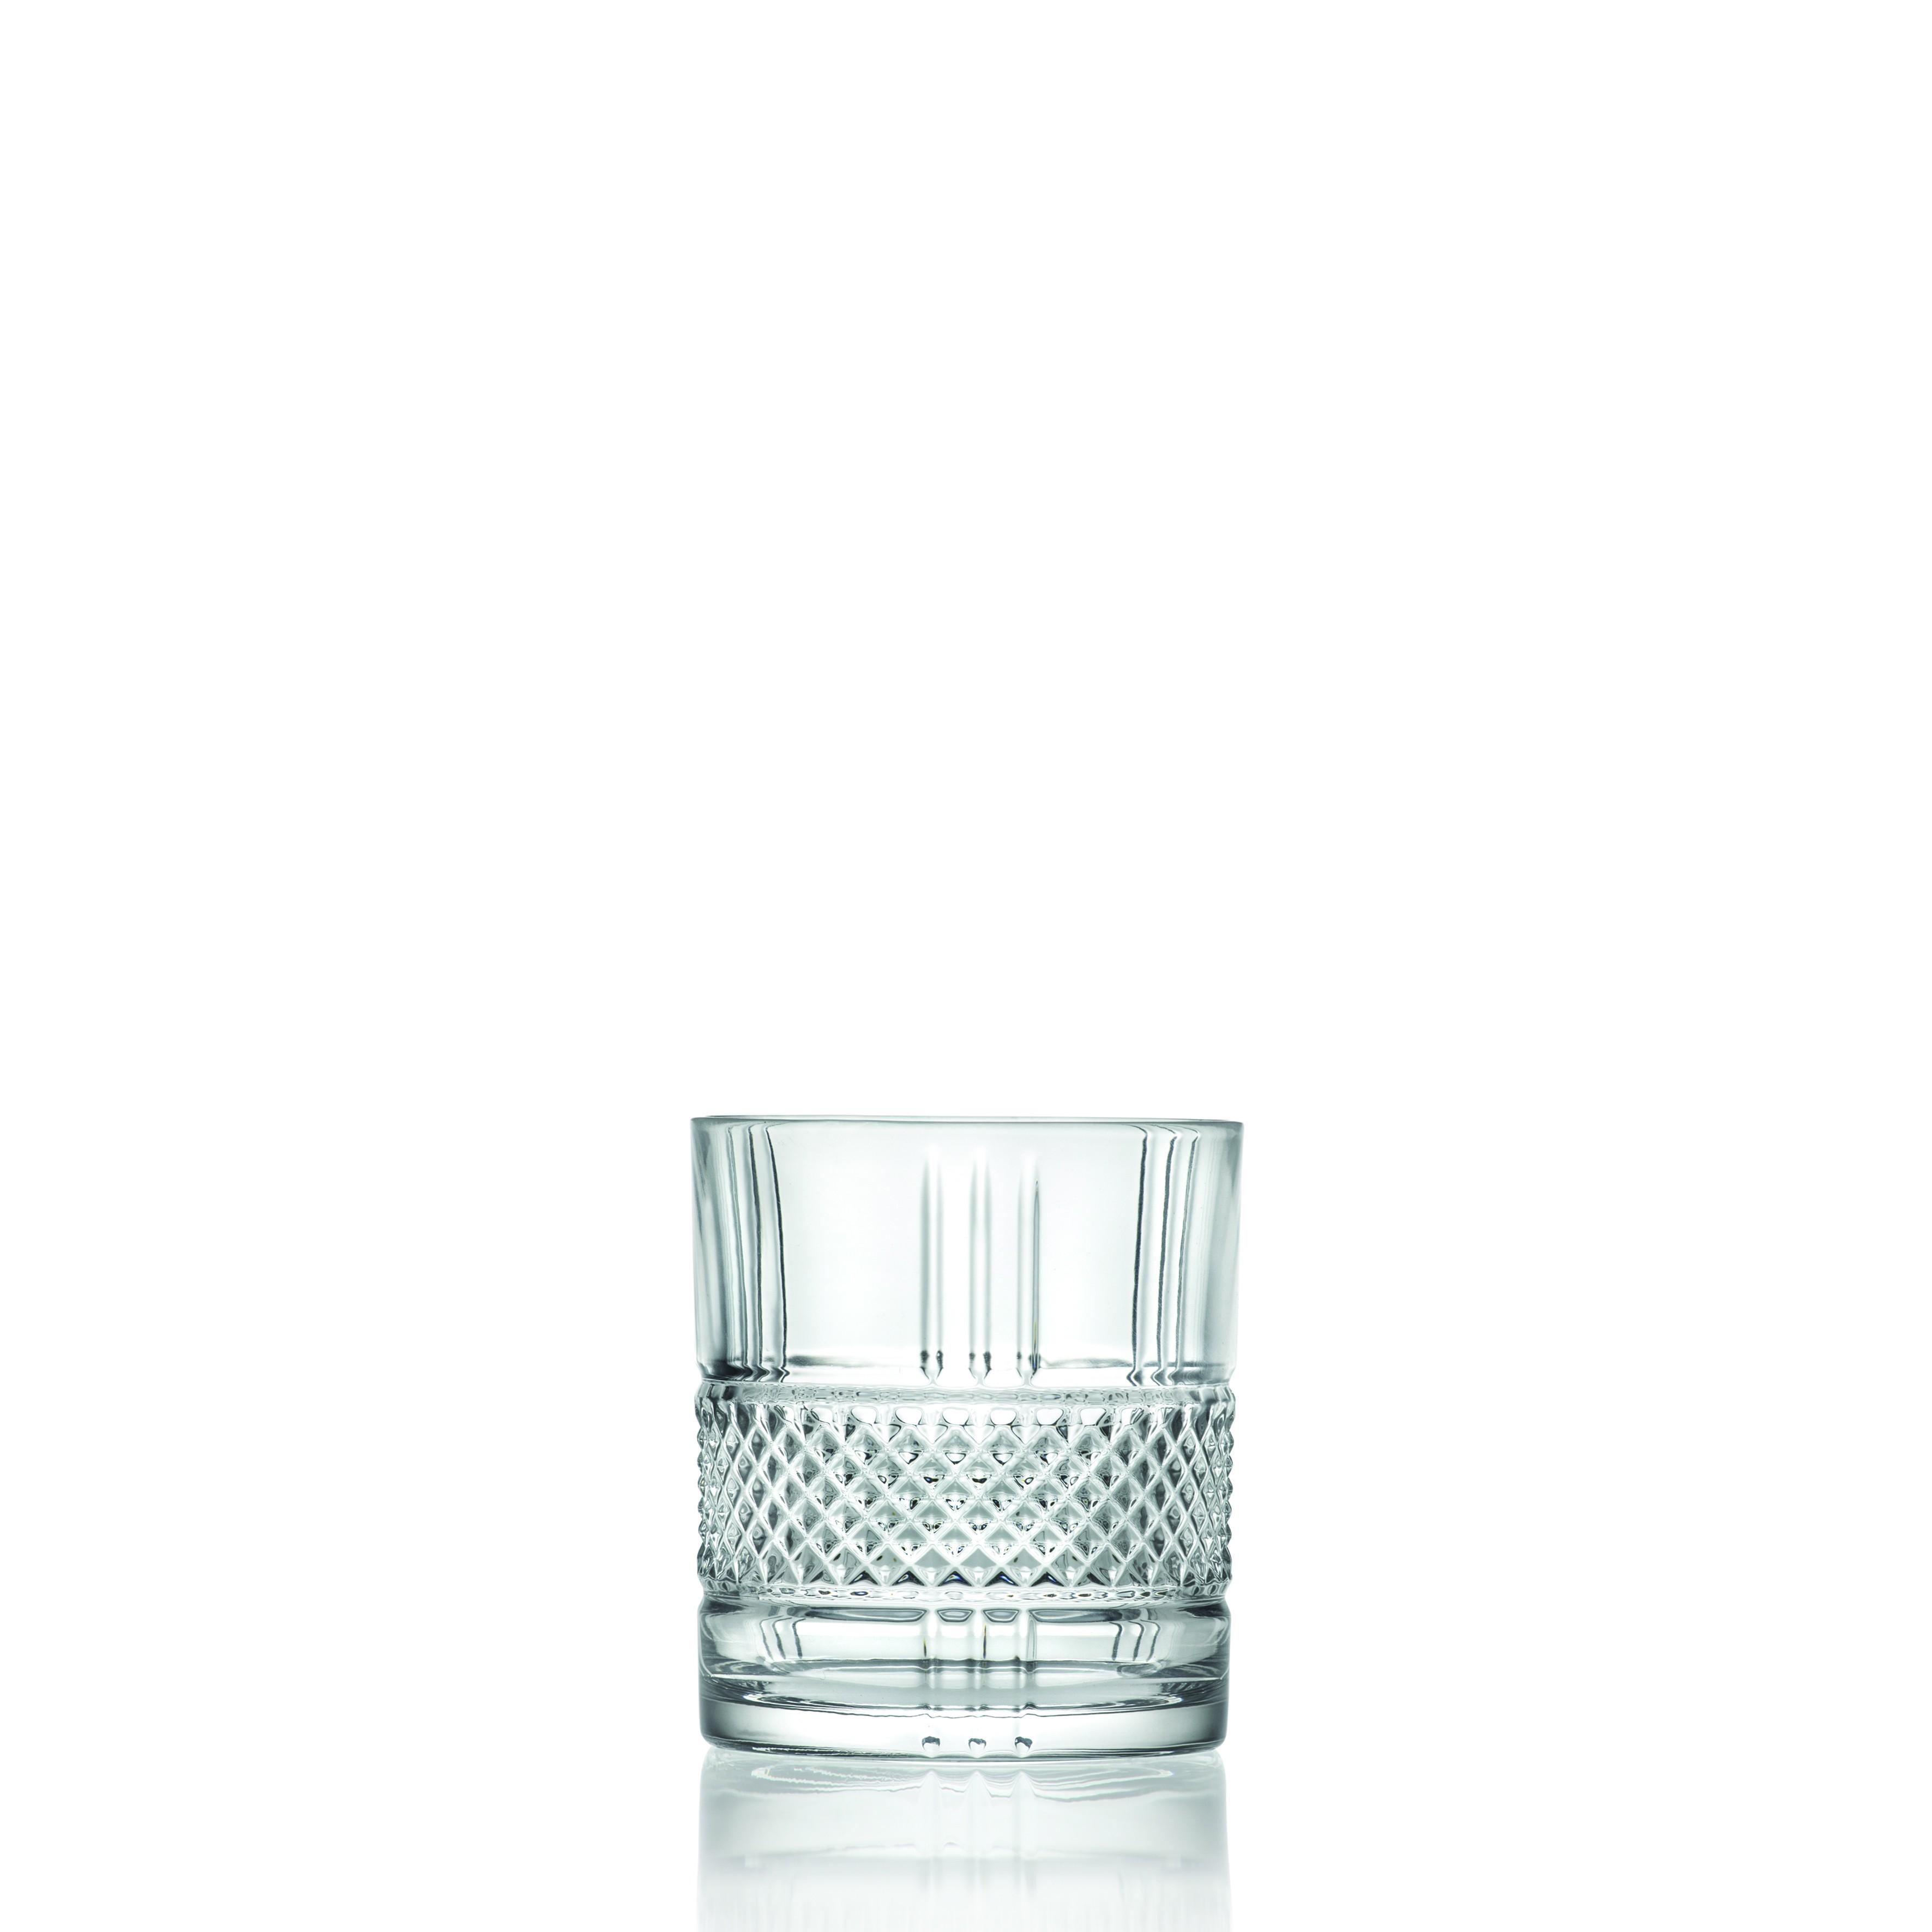 Ποτήρι Ουίσκι Κρυστάλλινο Rcr 337ml Σετ 6 Τμχ Brillante home   ειδη σερβιρισματος   ποτήρια   kρυστάλλινα